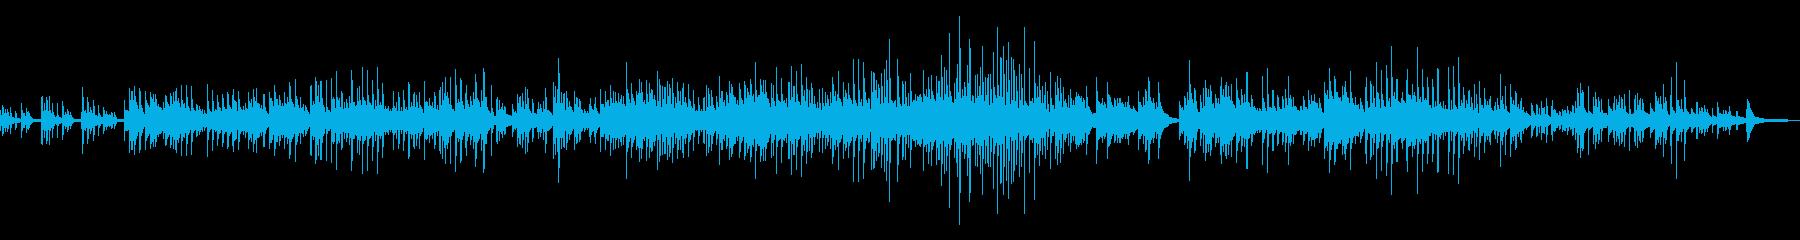 童謡「大きな栗」エモいチルピアノアレンジの再生済みの波形